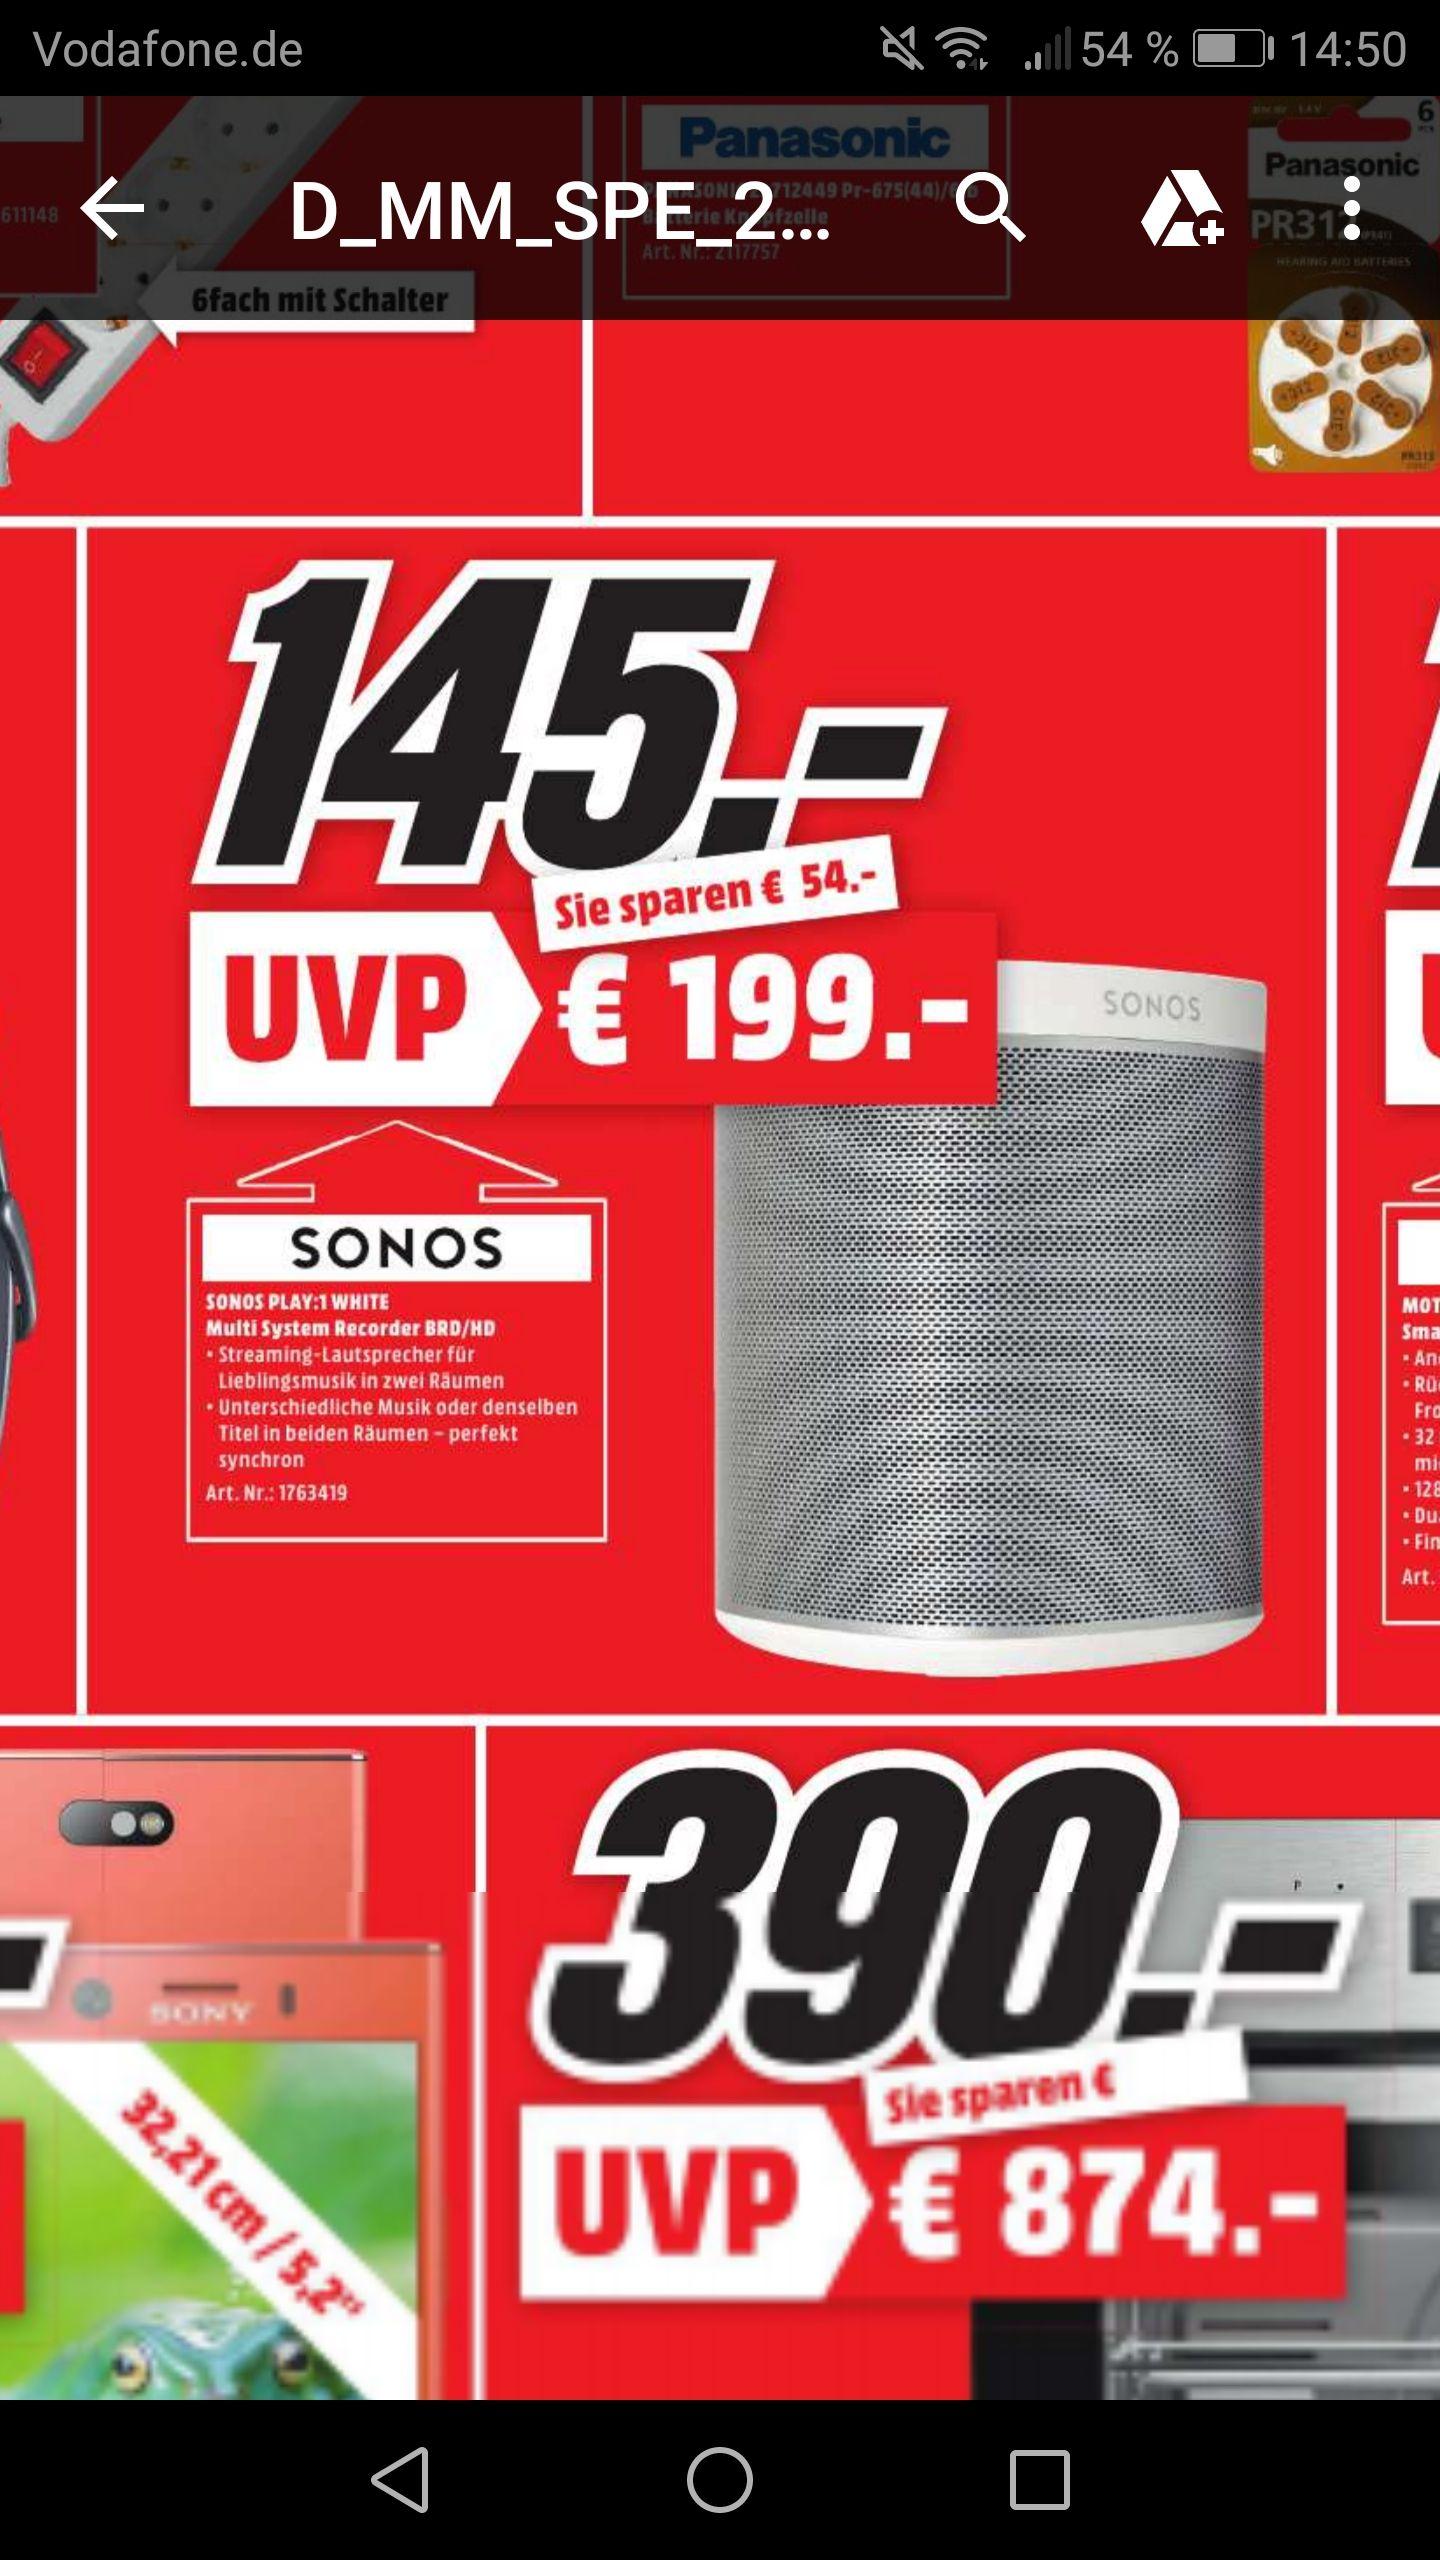 Lokal Media Markt Speyer Sonos Play:1 Weiss für 145 Euro